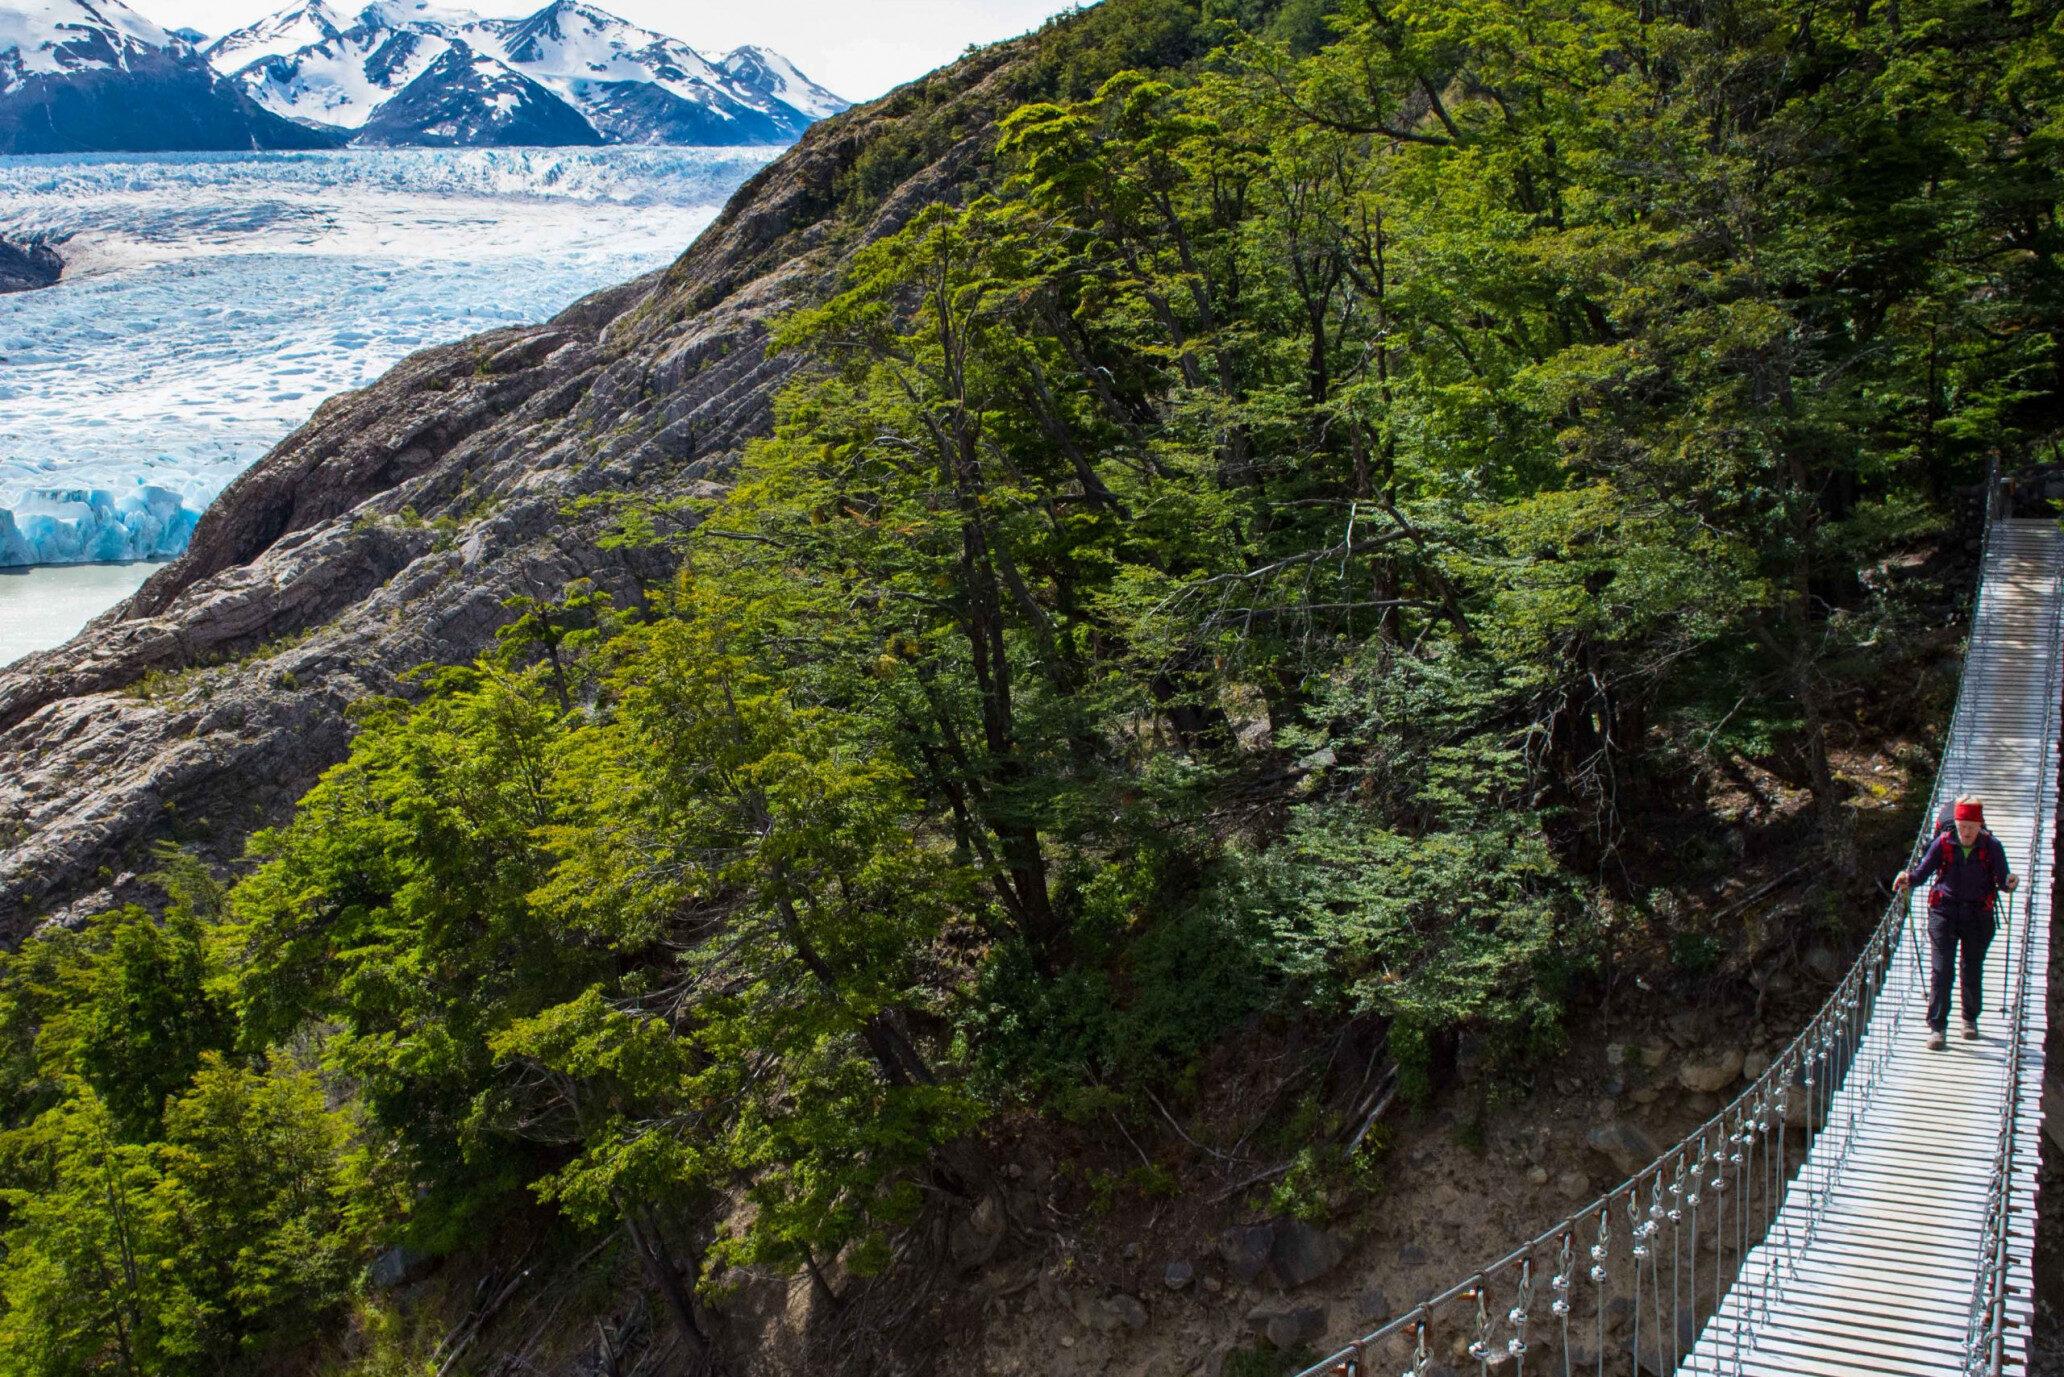 ¿Conoces el concepto «no deje rastro»? Aprende a visitar la naturaleza con mínimo impacto